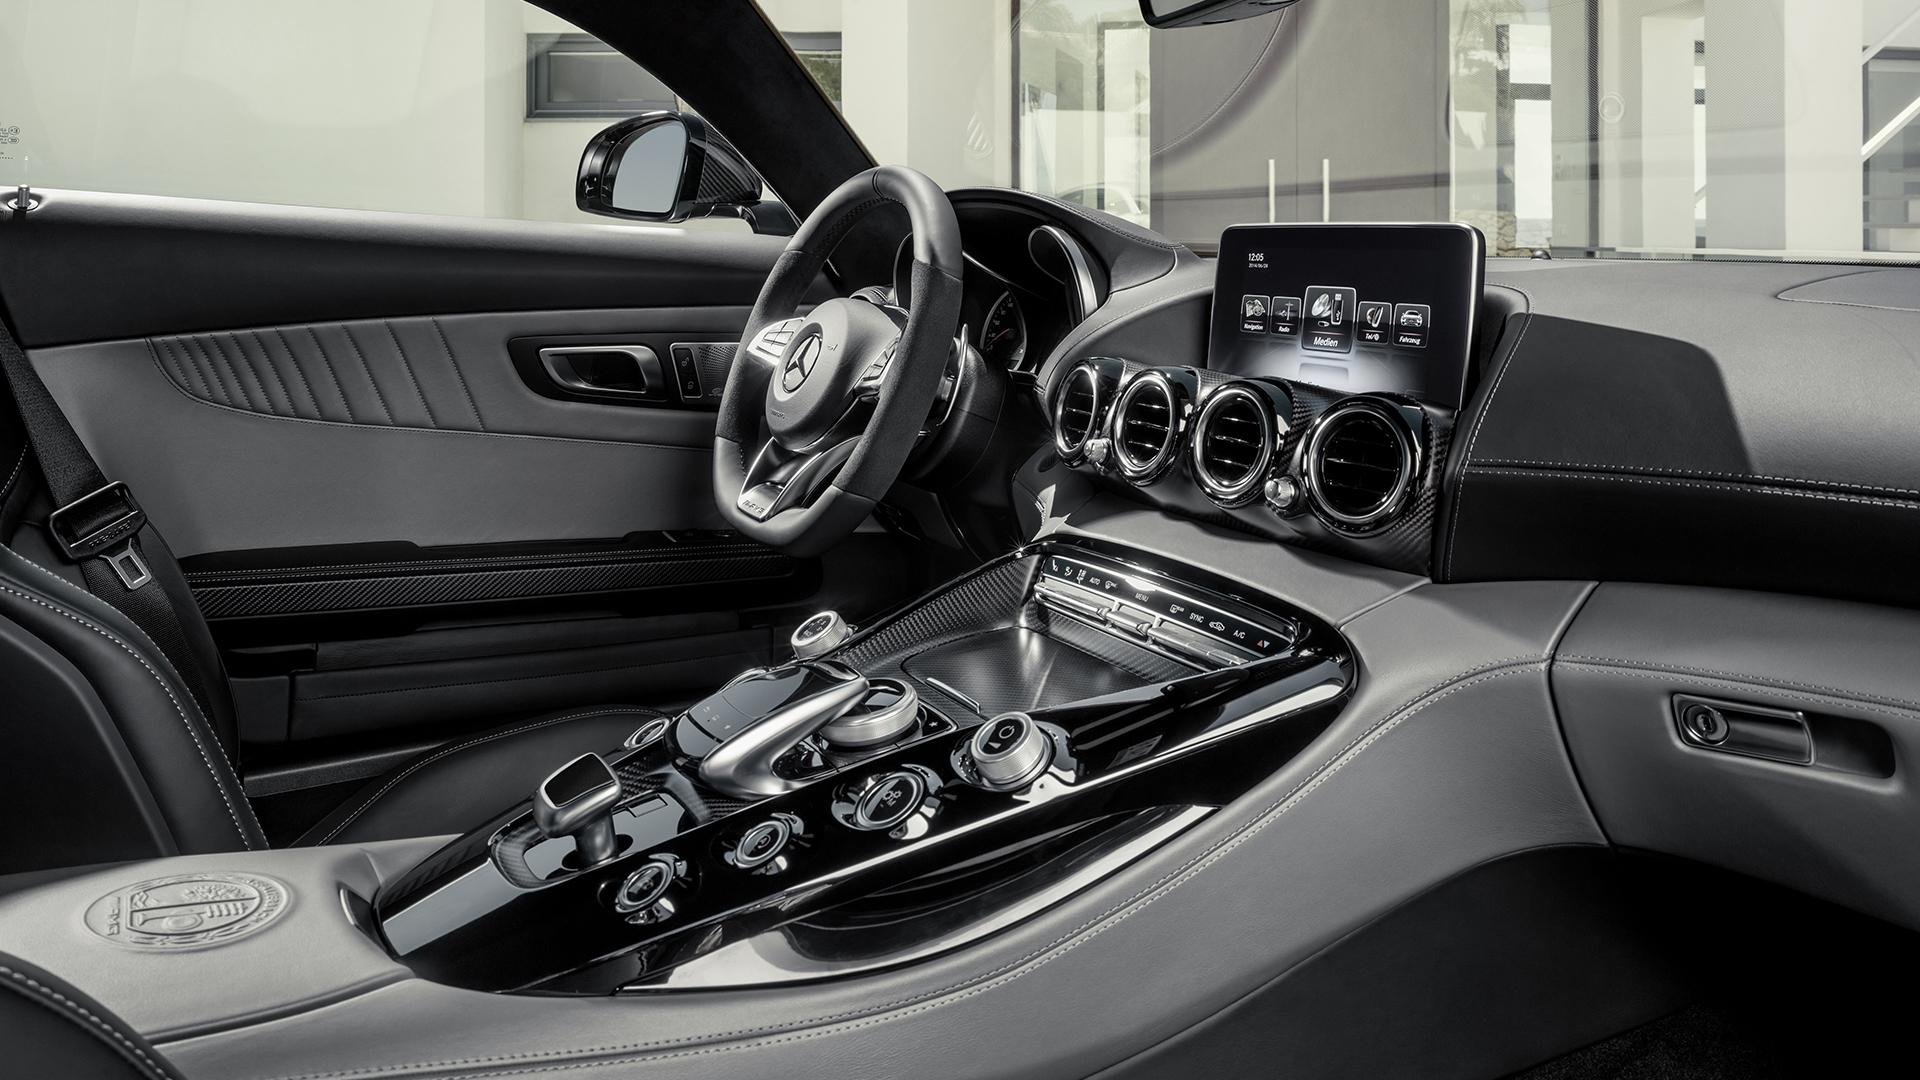 Mercedesbenz-gt-2014 Exterior